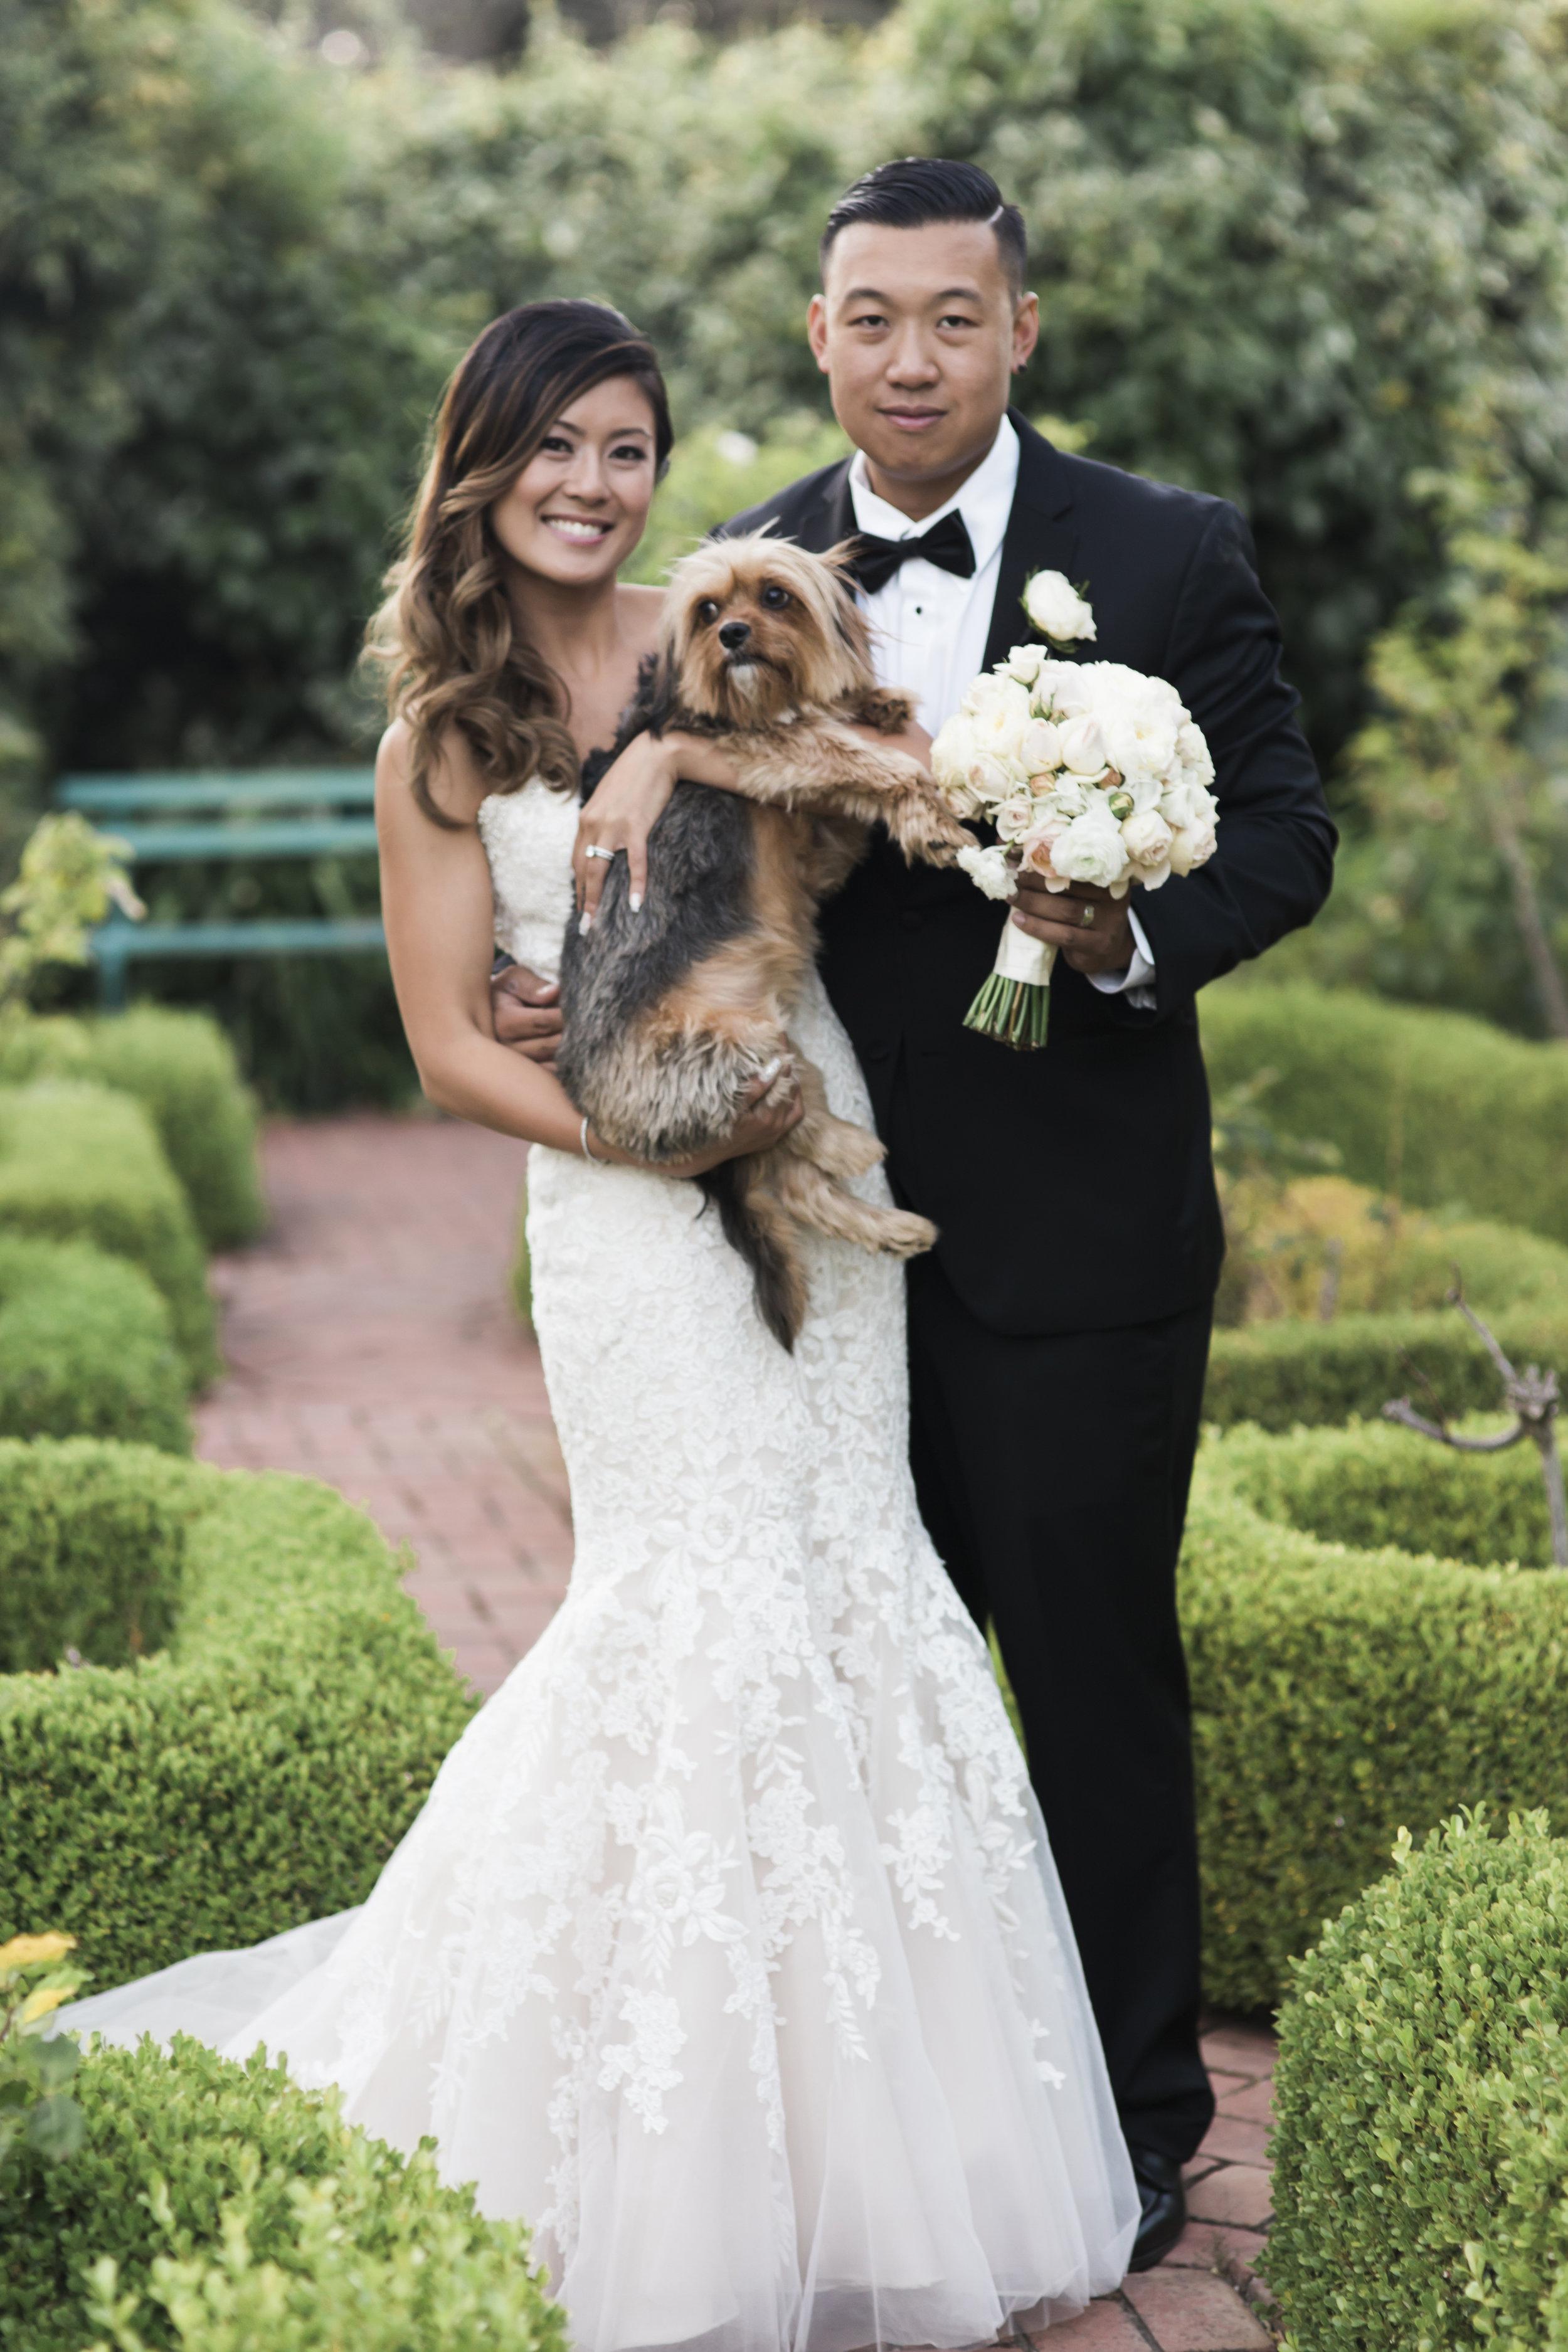 carien-will-wedding-714-(ZF-2465-09696-1-026).jpg